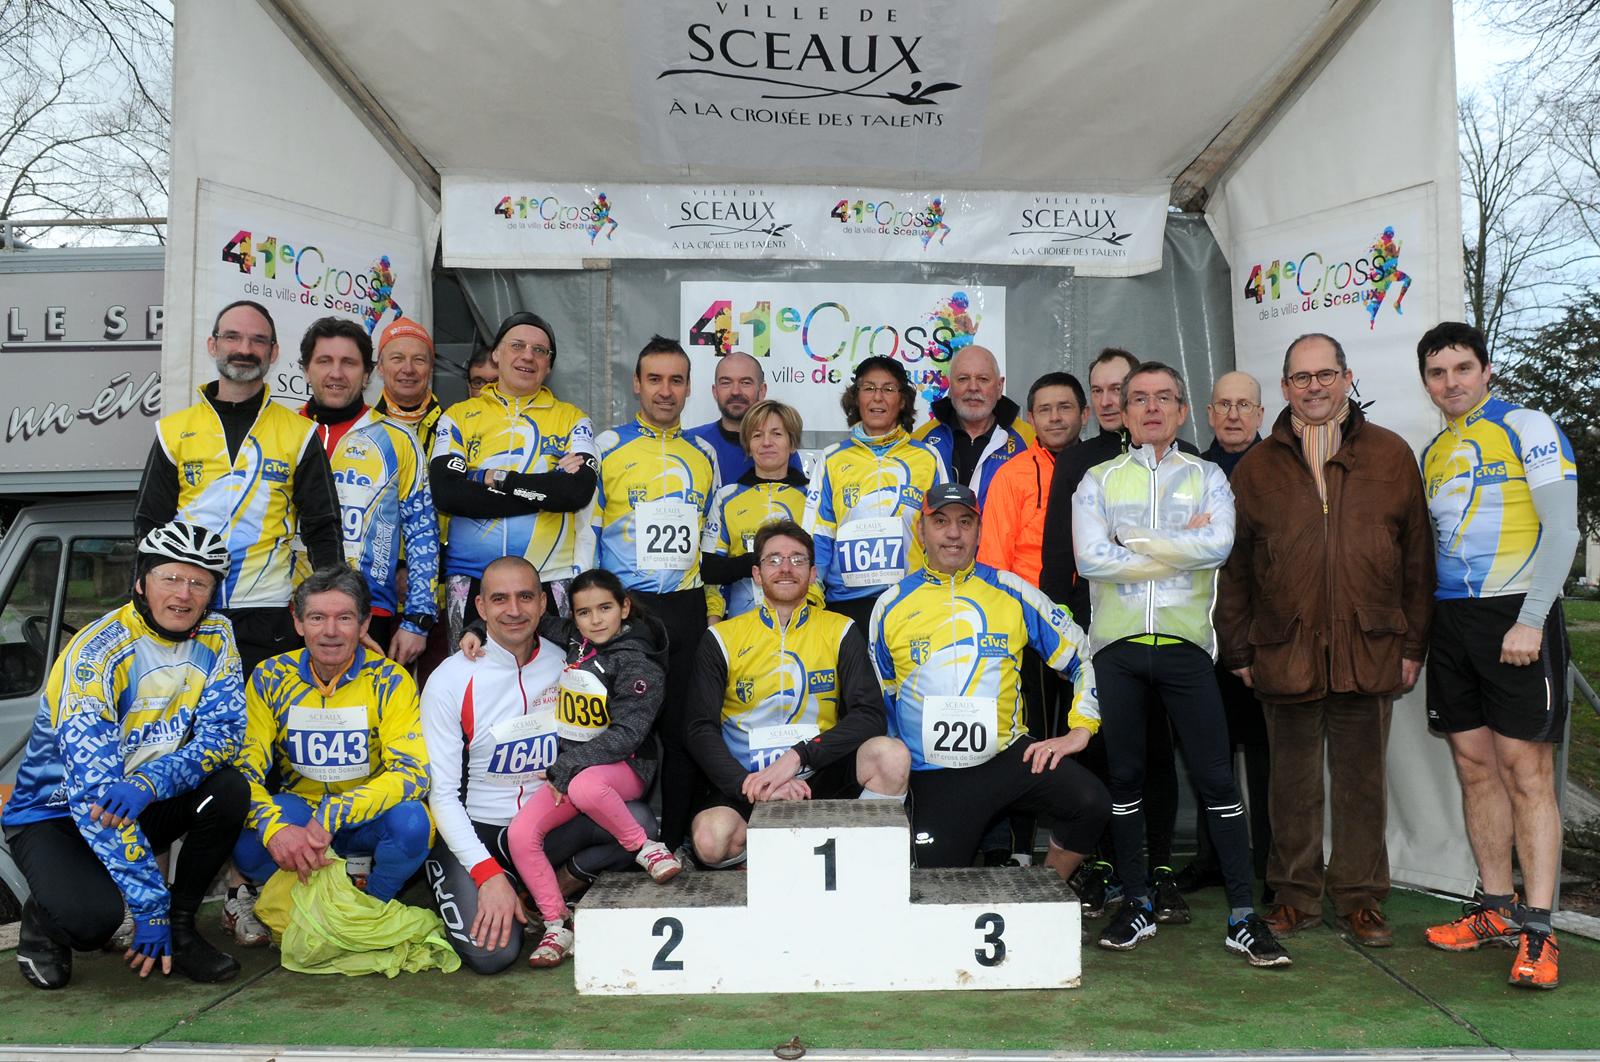 20160214-1130_41cross2sceaux_sscala